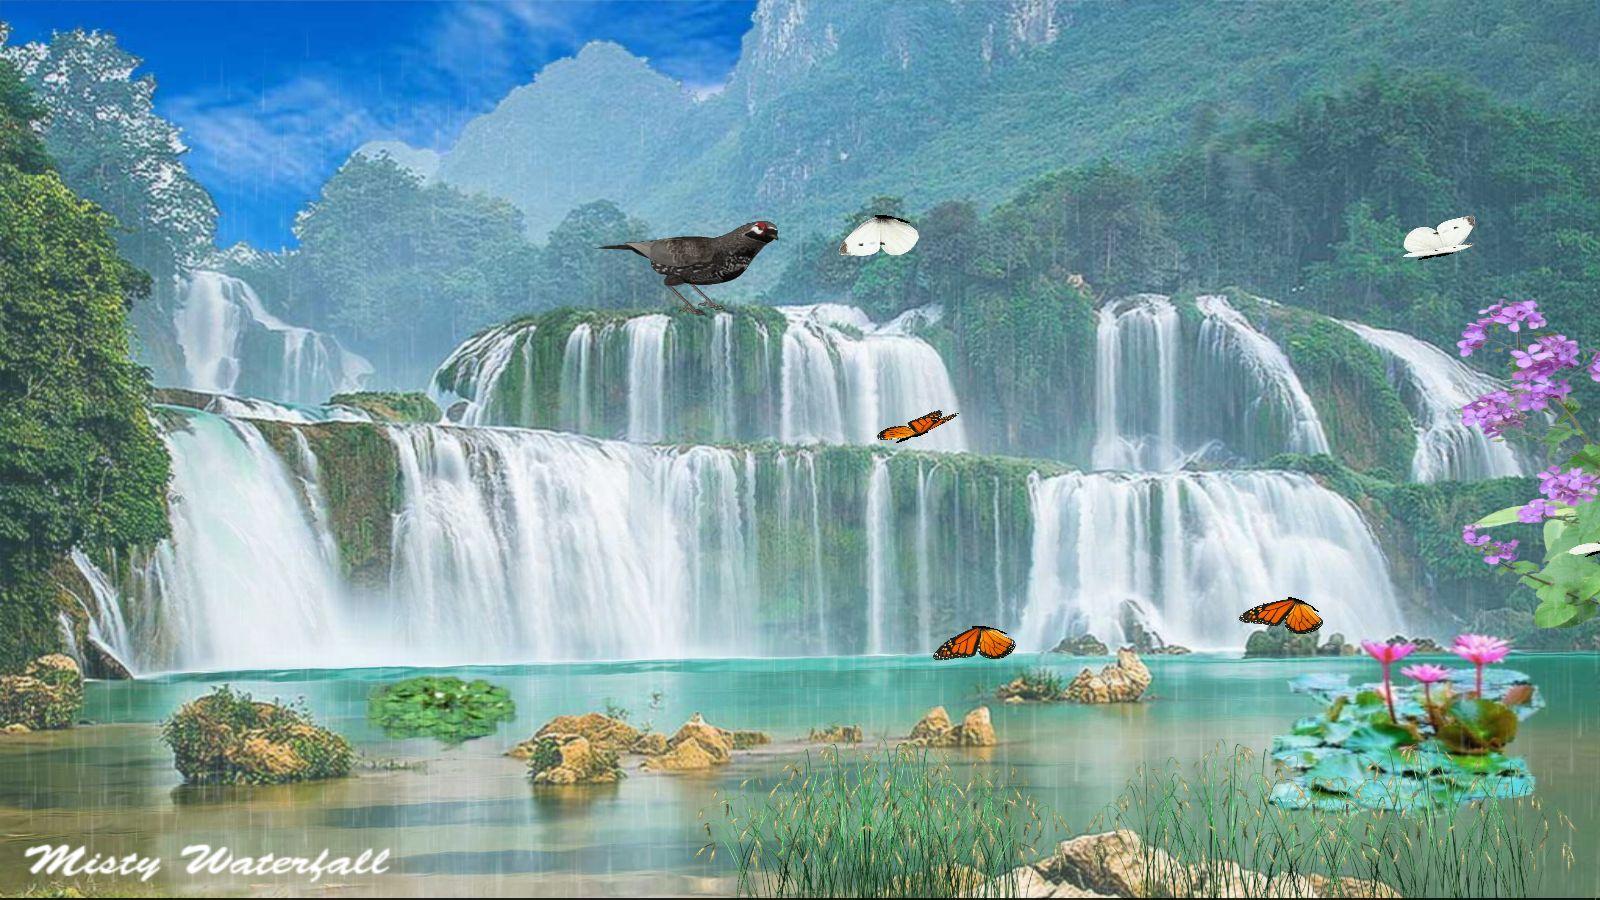 - Misty Waterfall Wallpaper [Download]